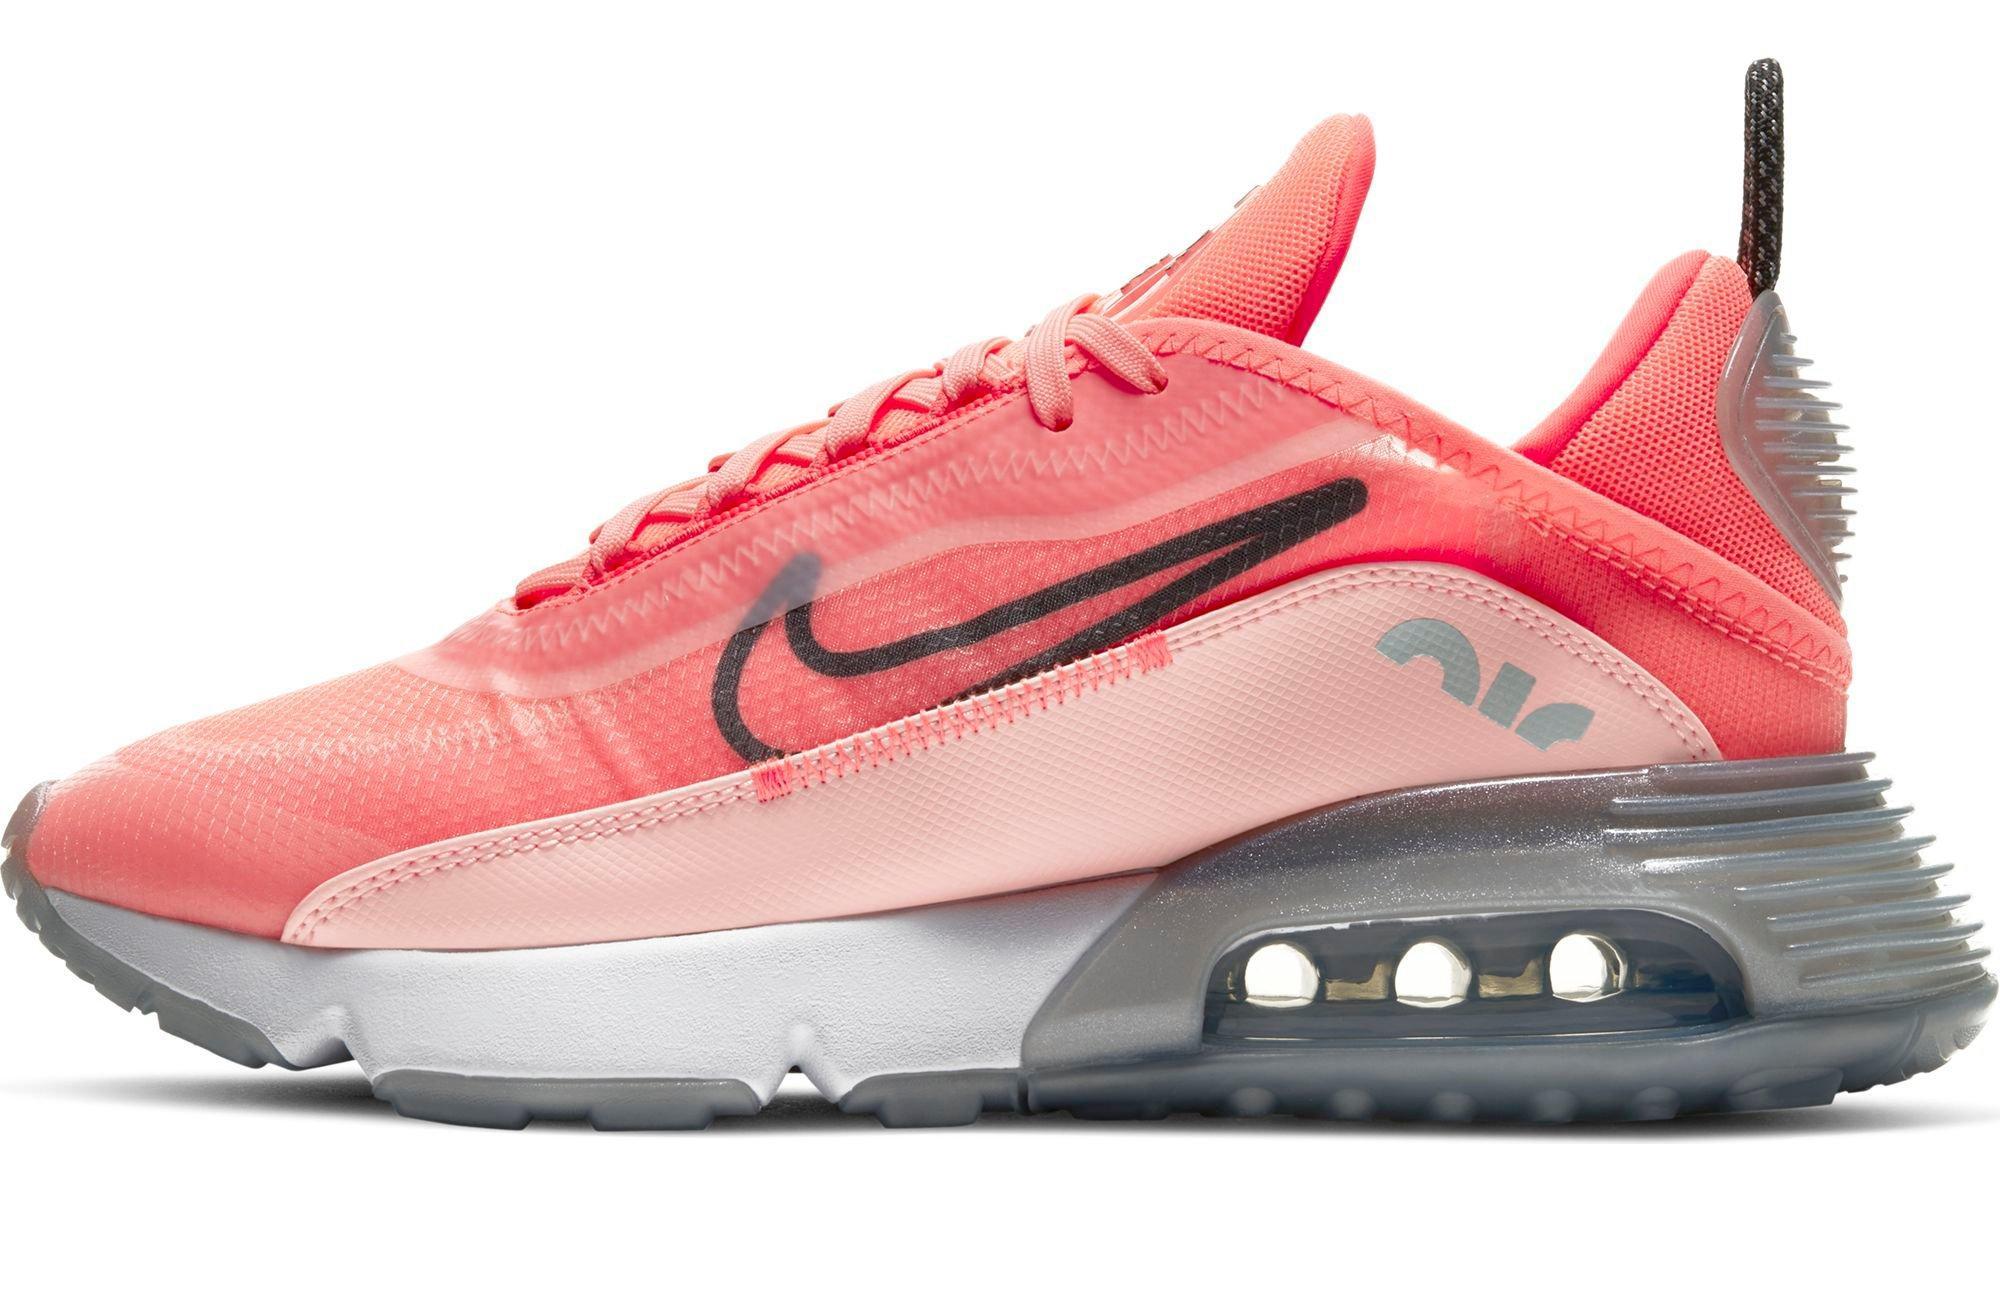 Nike Air Max 2090 left